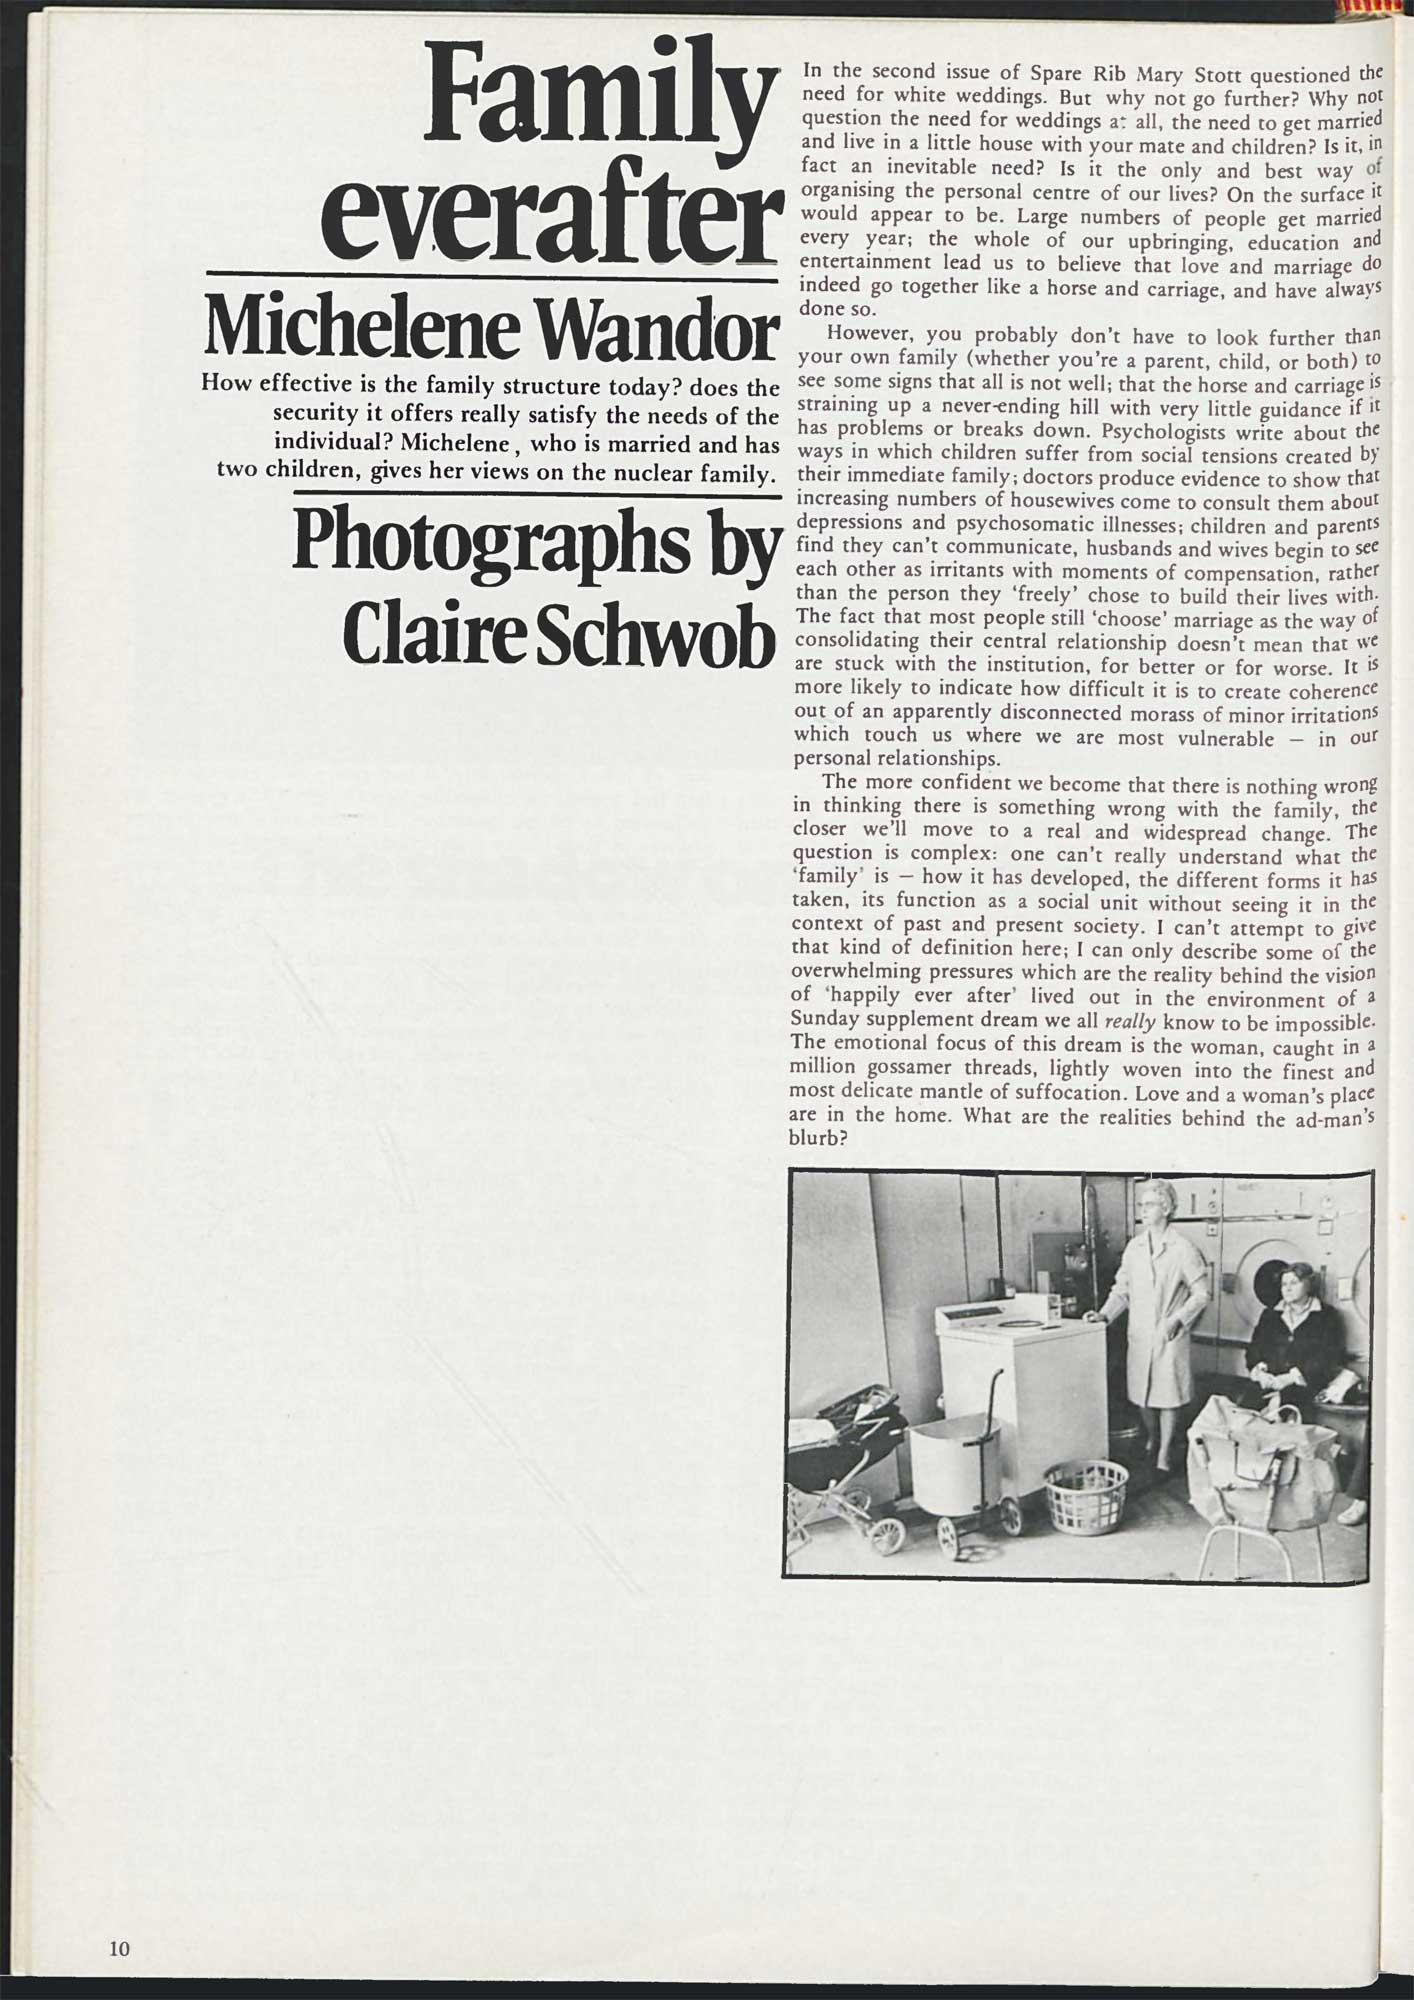 Spare Rib magazine issue 5 p. 10